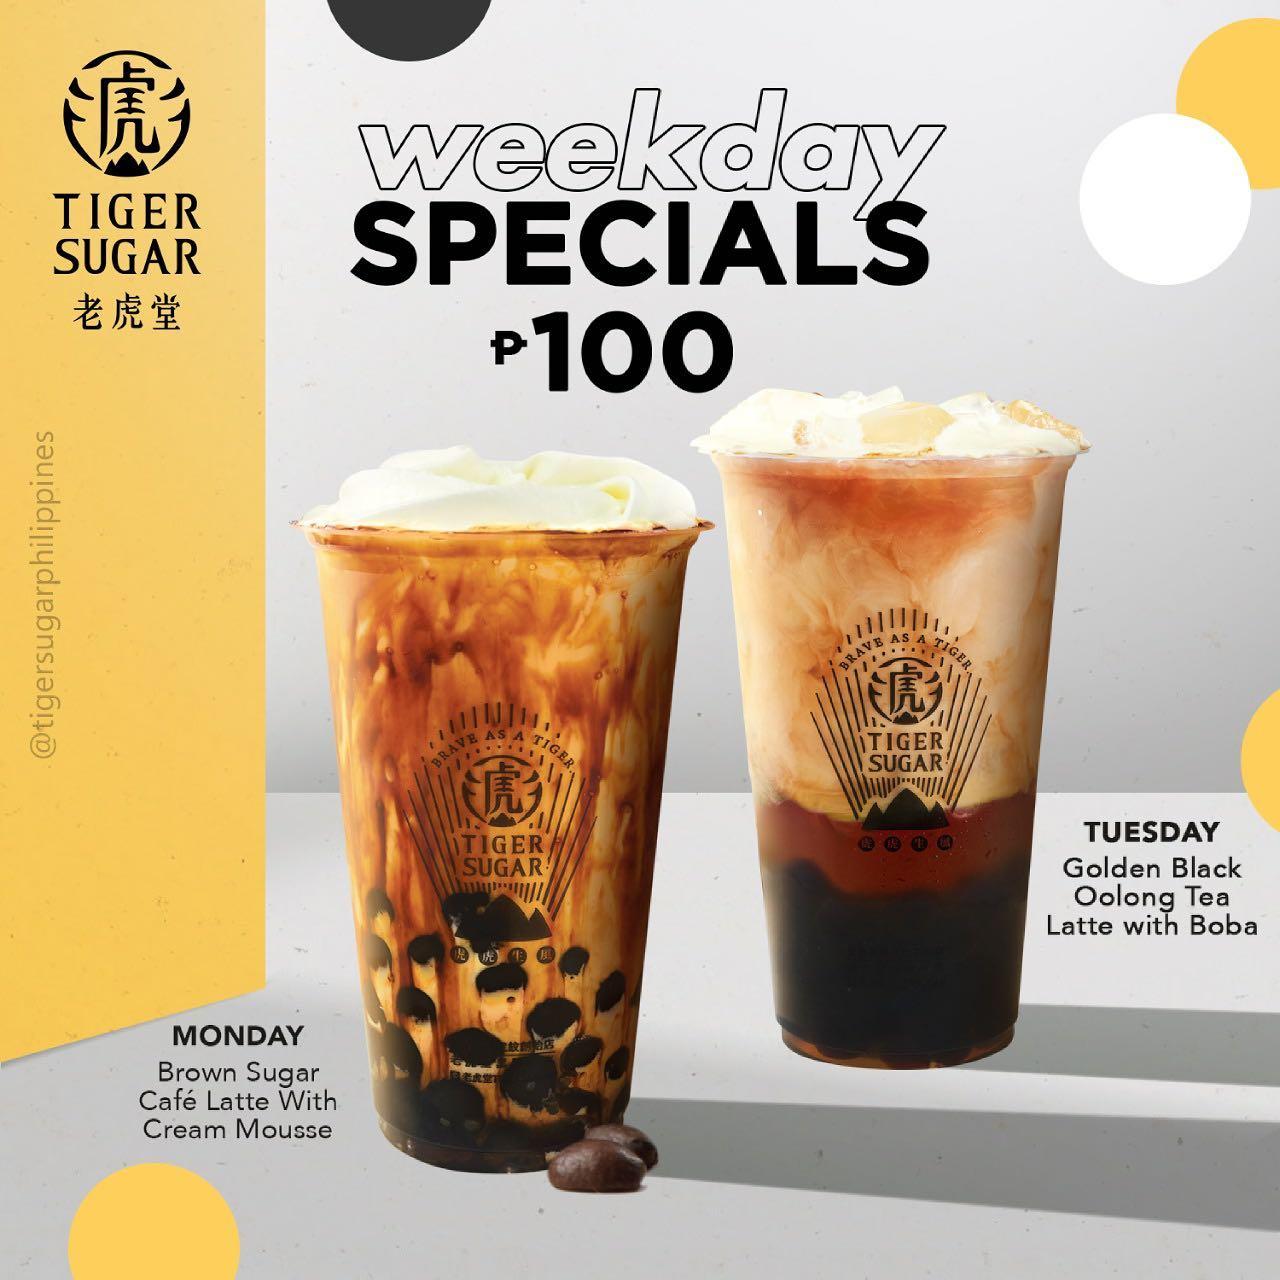 Tiger Sugar Weekday Specials Promo